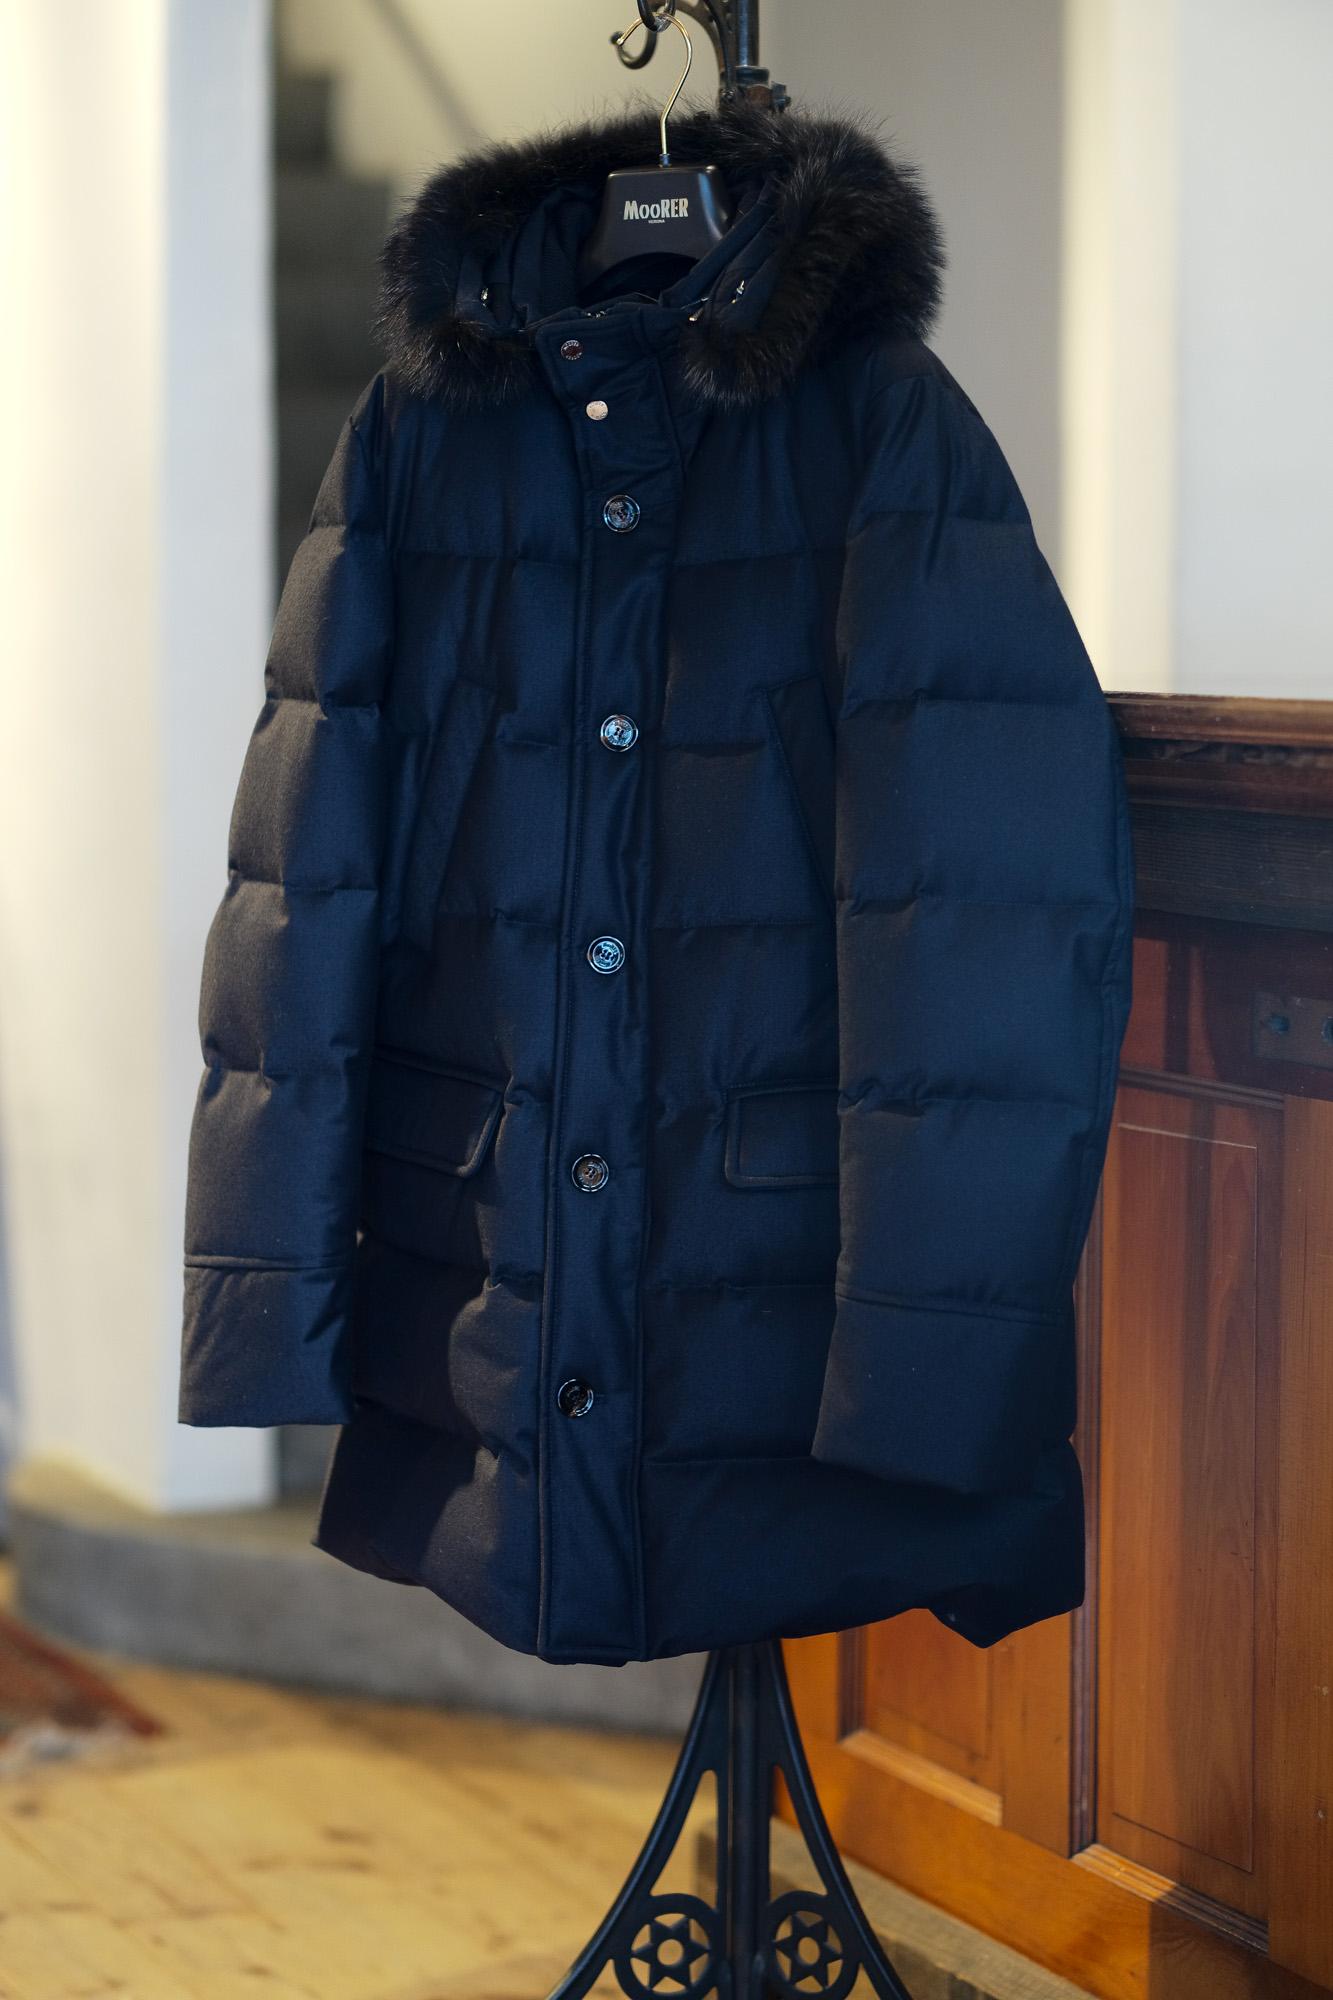 """MOORER """"BARBIERI-LL"""" Wool.Cashmere Down Coat 2021AW /// BEIGE(ベージュ・32),FUMO(ライトブラウン・34),BROWN(ブラウン・36),ANTRACITE(チャコール・05),BLUE GREY(ブルーグレー・75),BLUE(ネイビー・77),NERO(ブラック・08) 【2021 秋冬 受注会開催 2020.12.14(Mon)~2020.12.26(Sat)】愛知 名古屋 Alto e Dirtto altoediritto アルトエデリット ムーレー ダウンジャケット BRET ONIRO FANTONI BOLGI BOND FAYER HELSINKI HARRIS BARBIERI SIRO MORRIS ダウンコート ダウンベスト ダウン"""